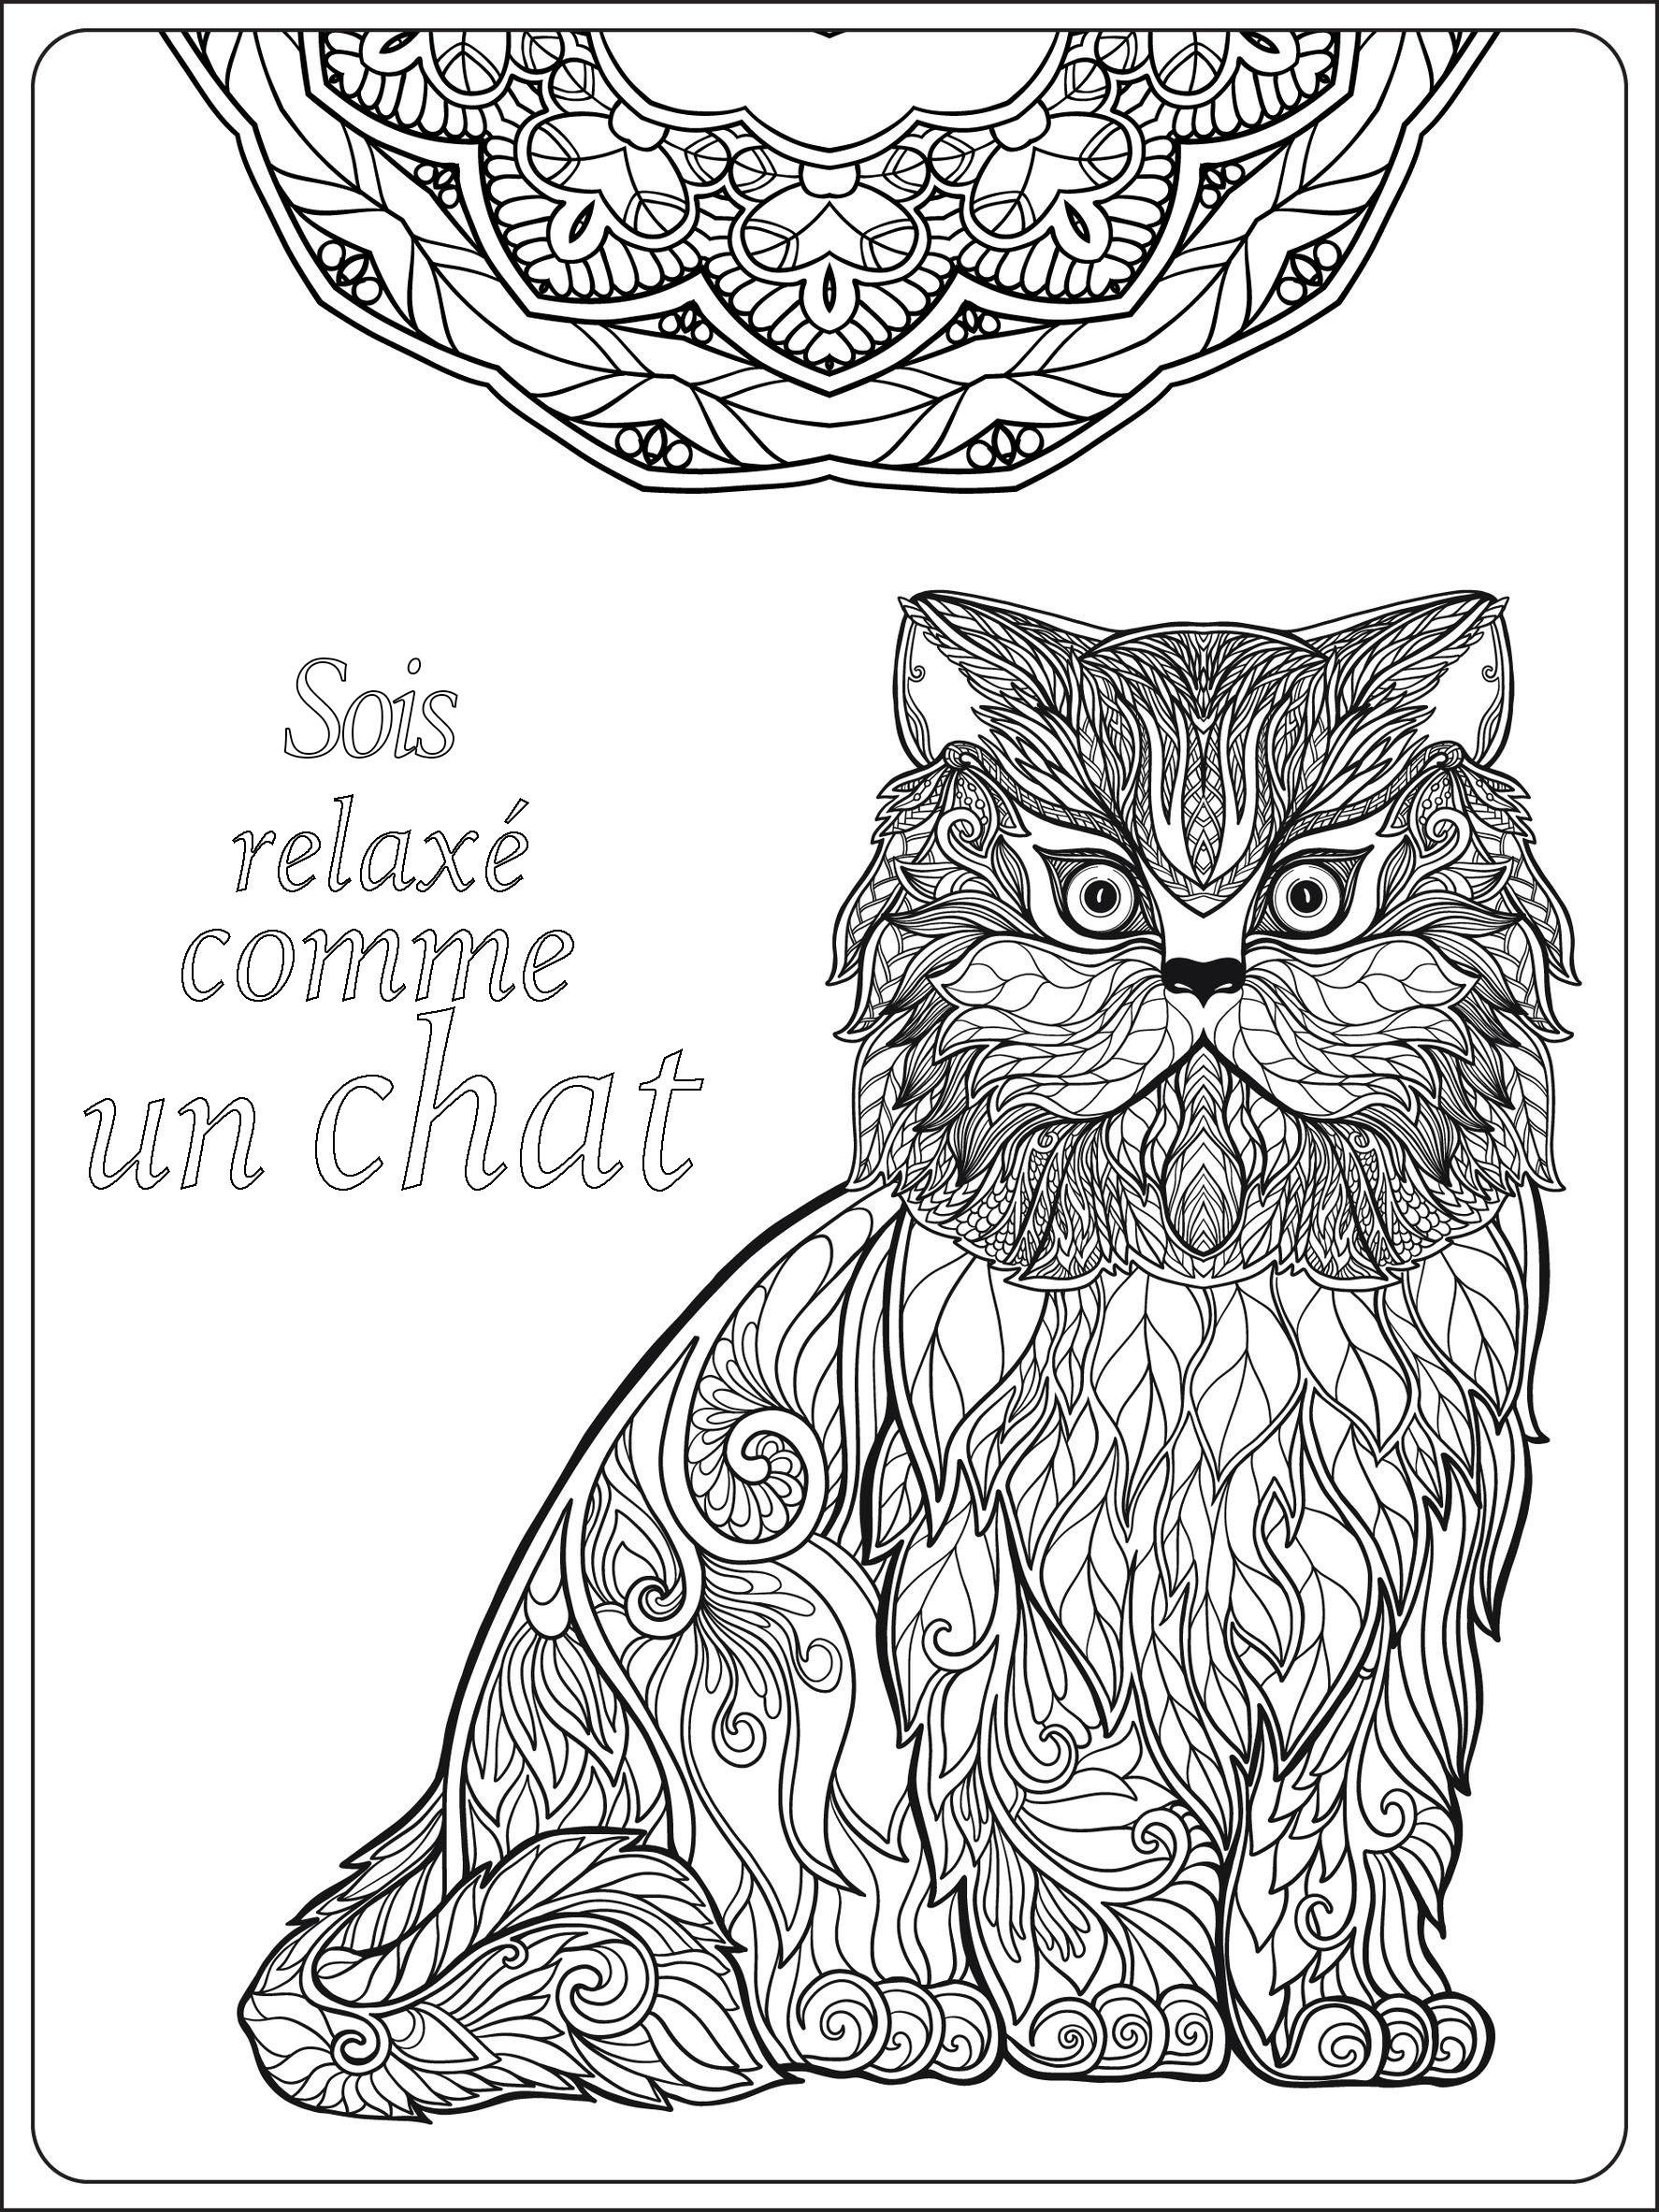 Soit relax comme un chat par elena besedina | A partir de la galerie : Animaux